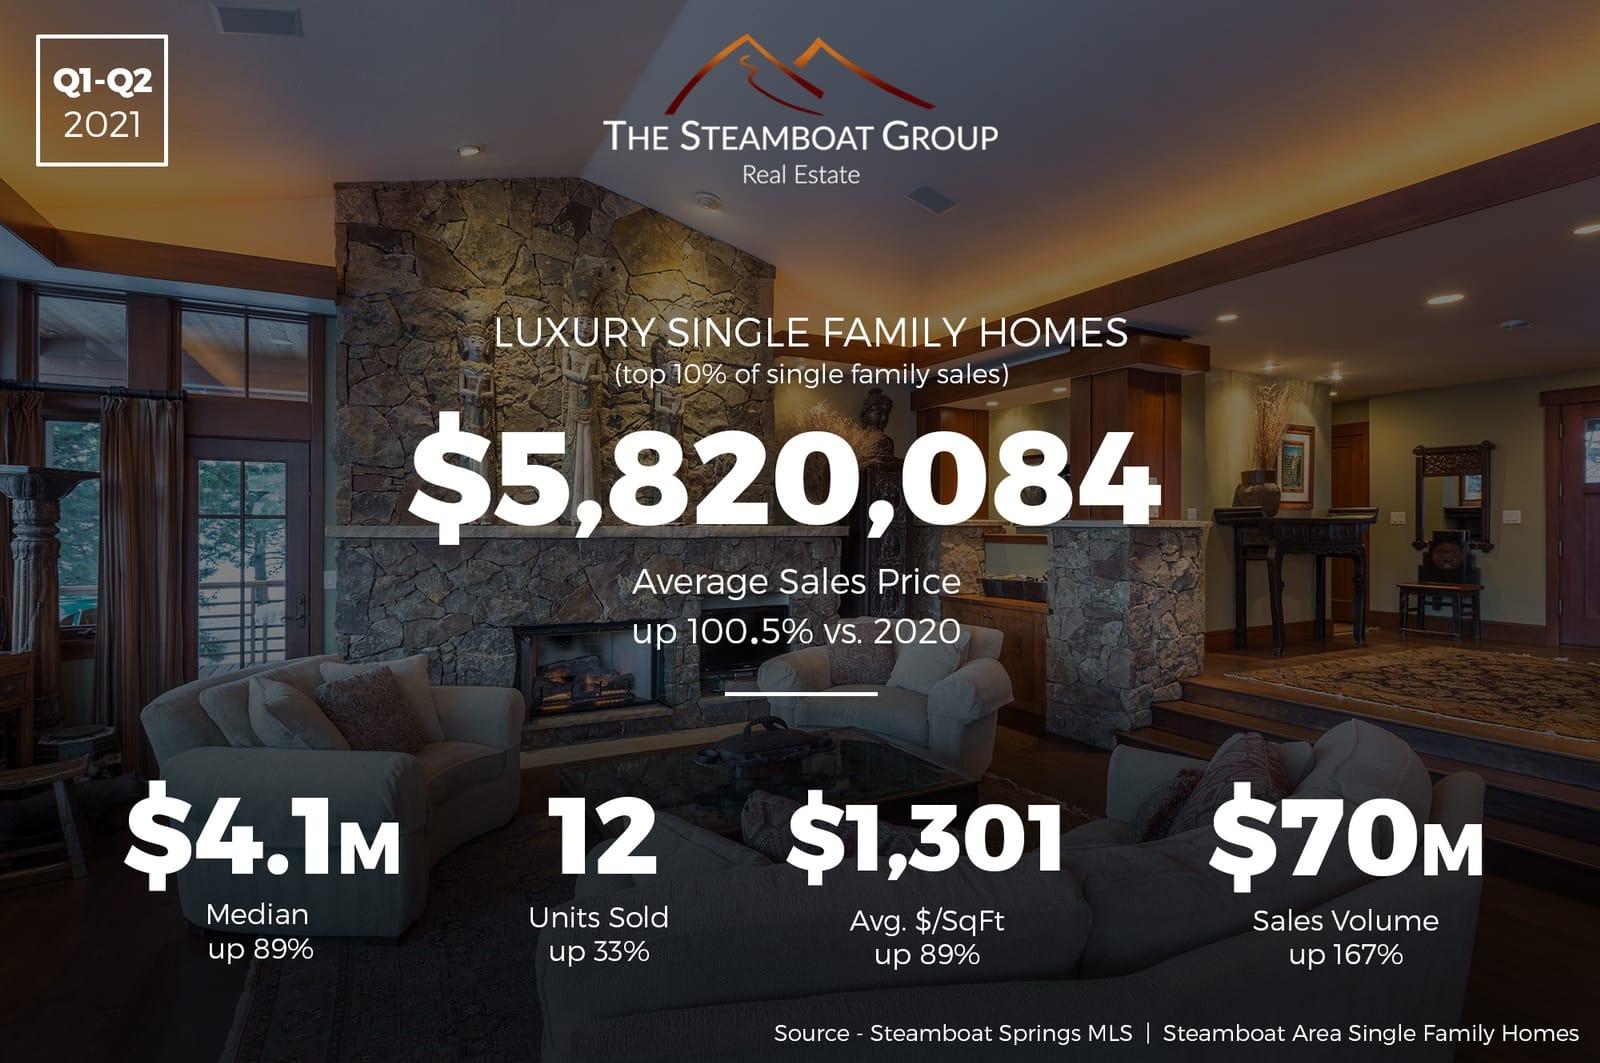 Market Update: 2021 Q2 Luxury Homes